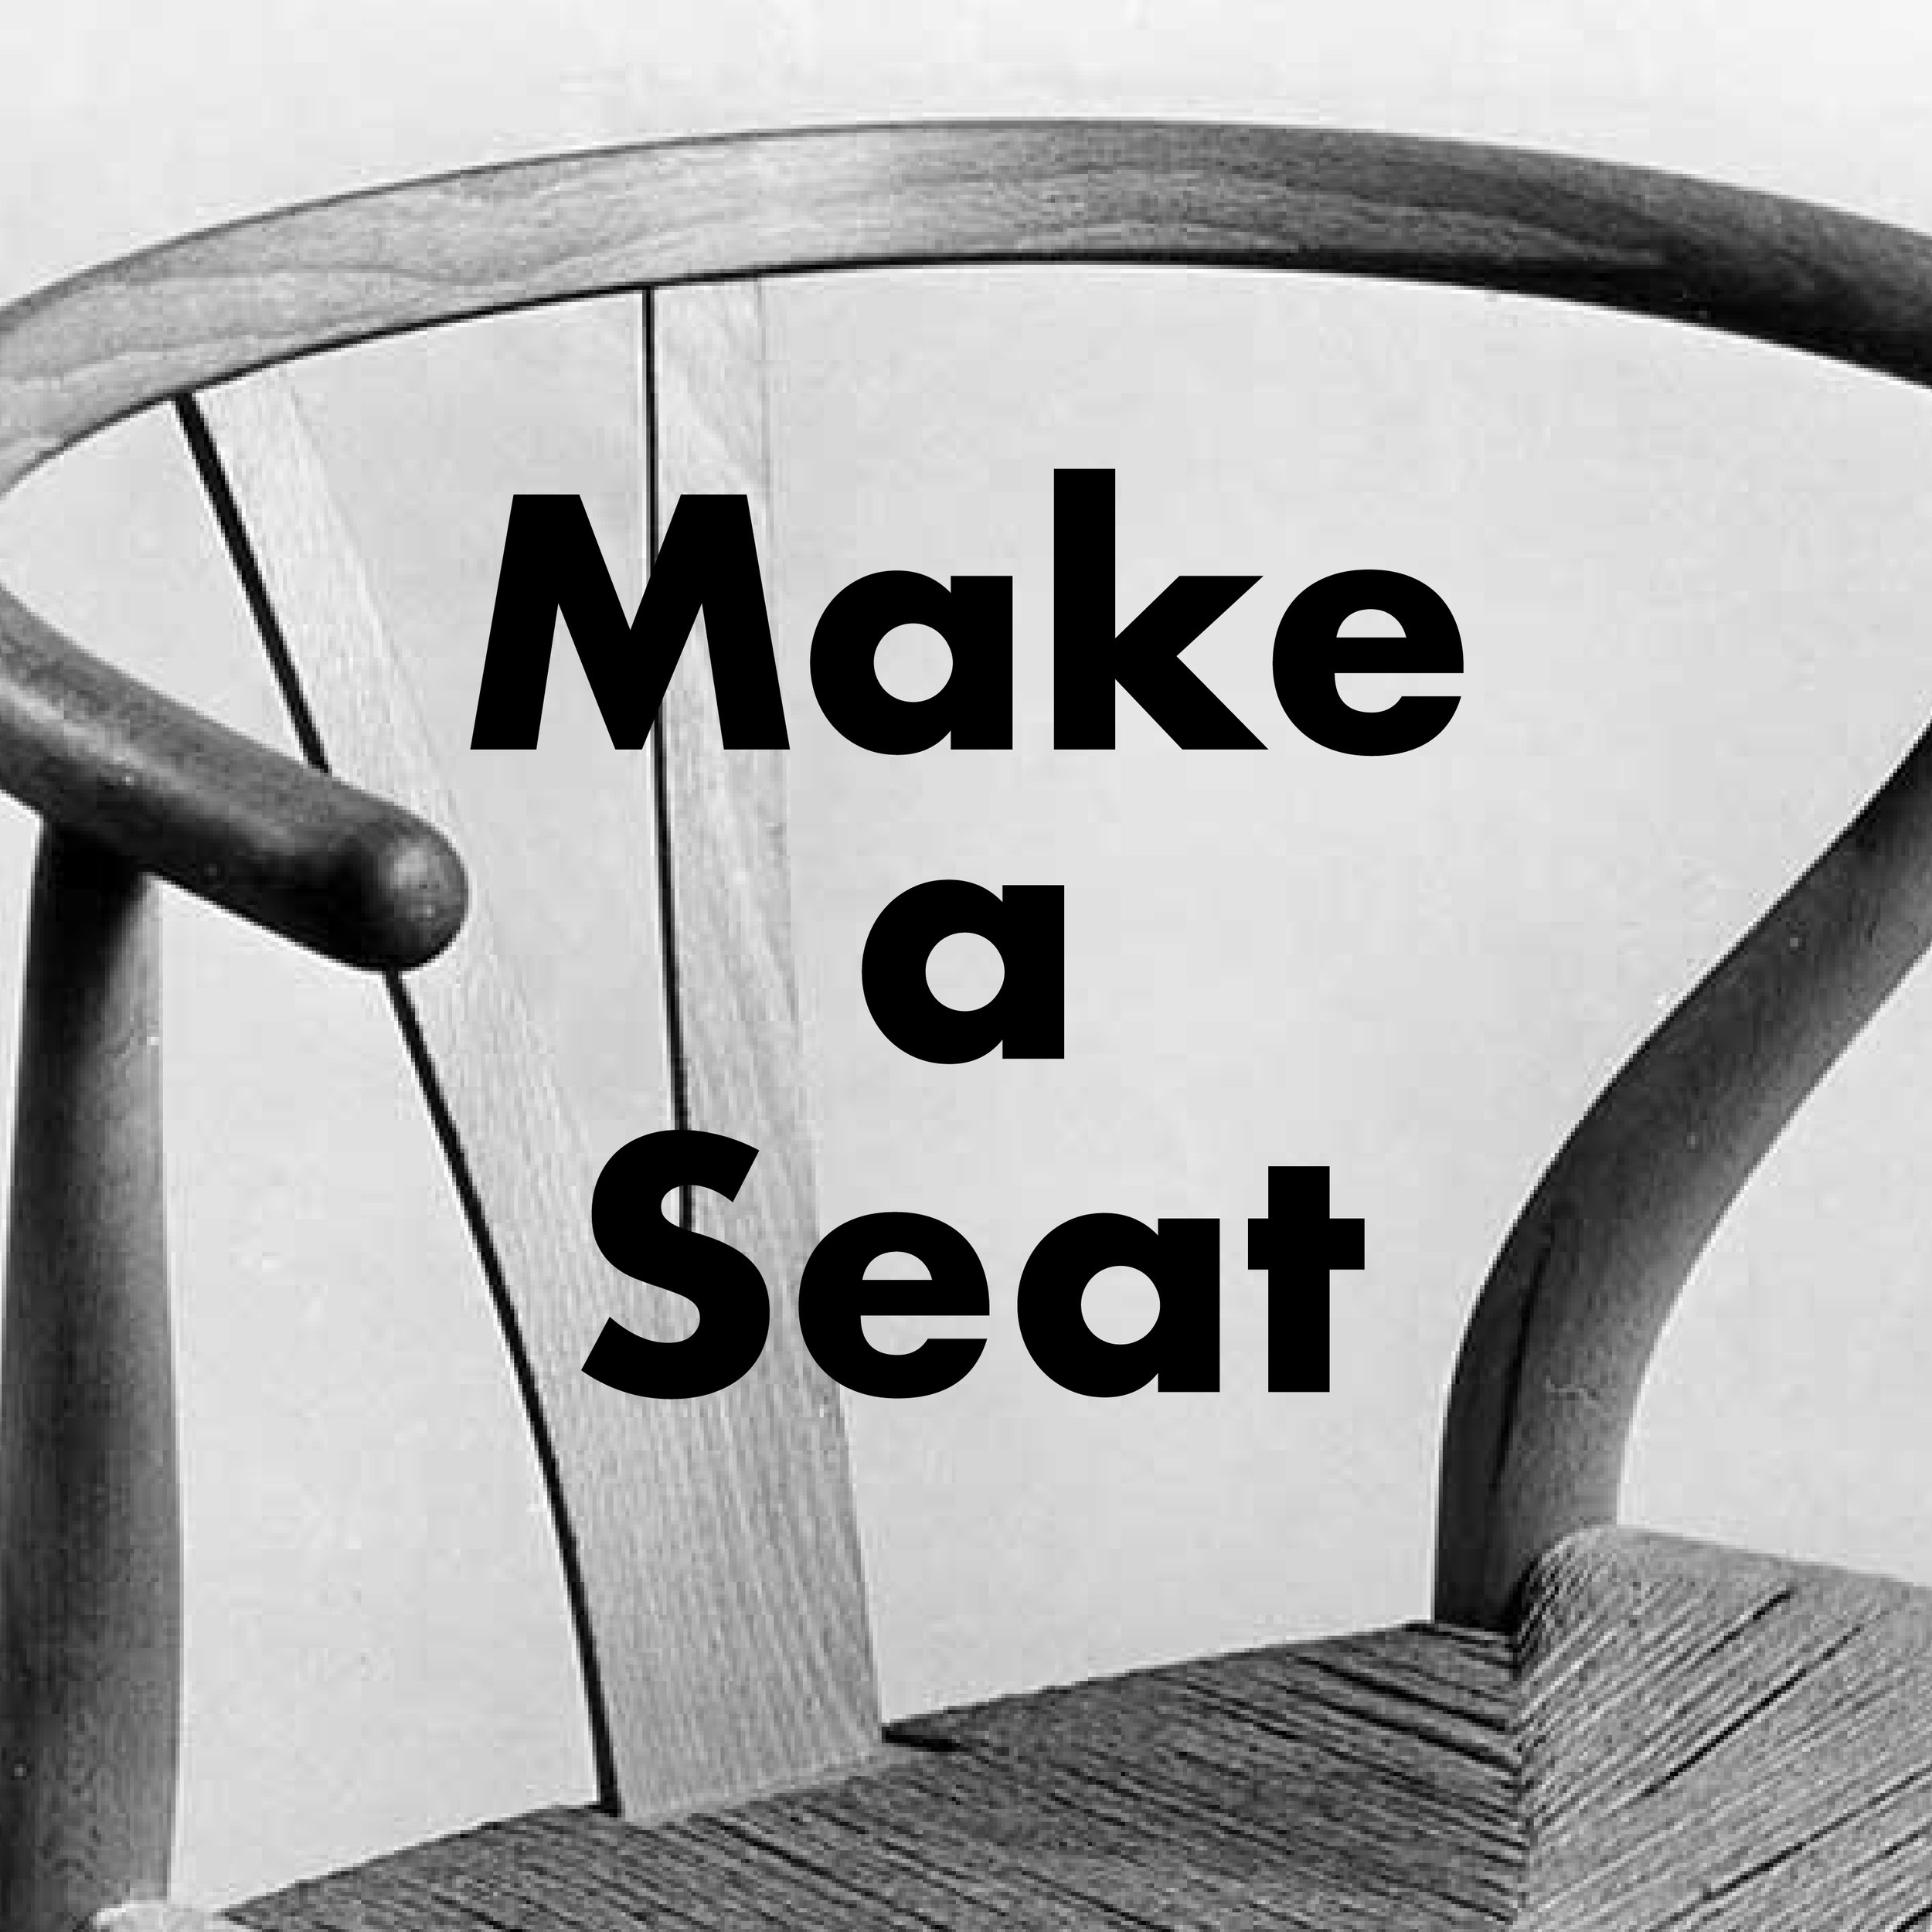 Make-a-Seat-01-01.jpg